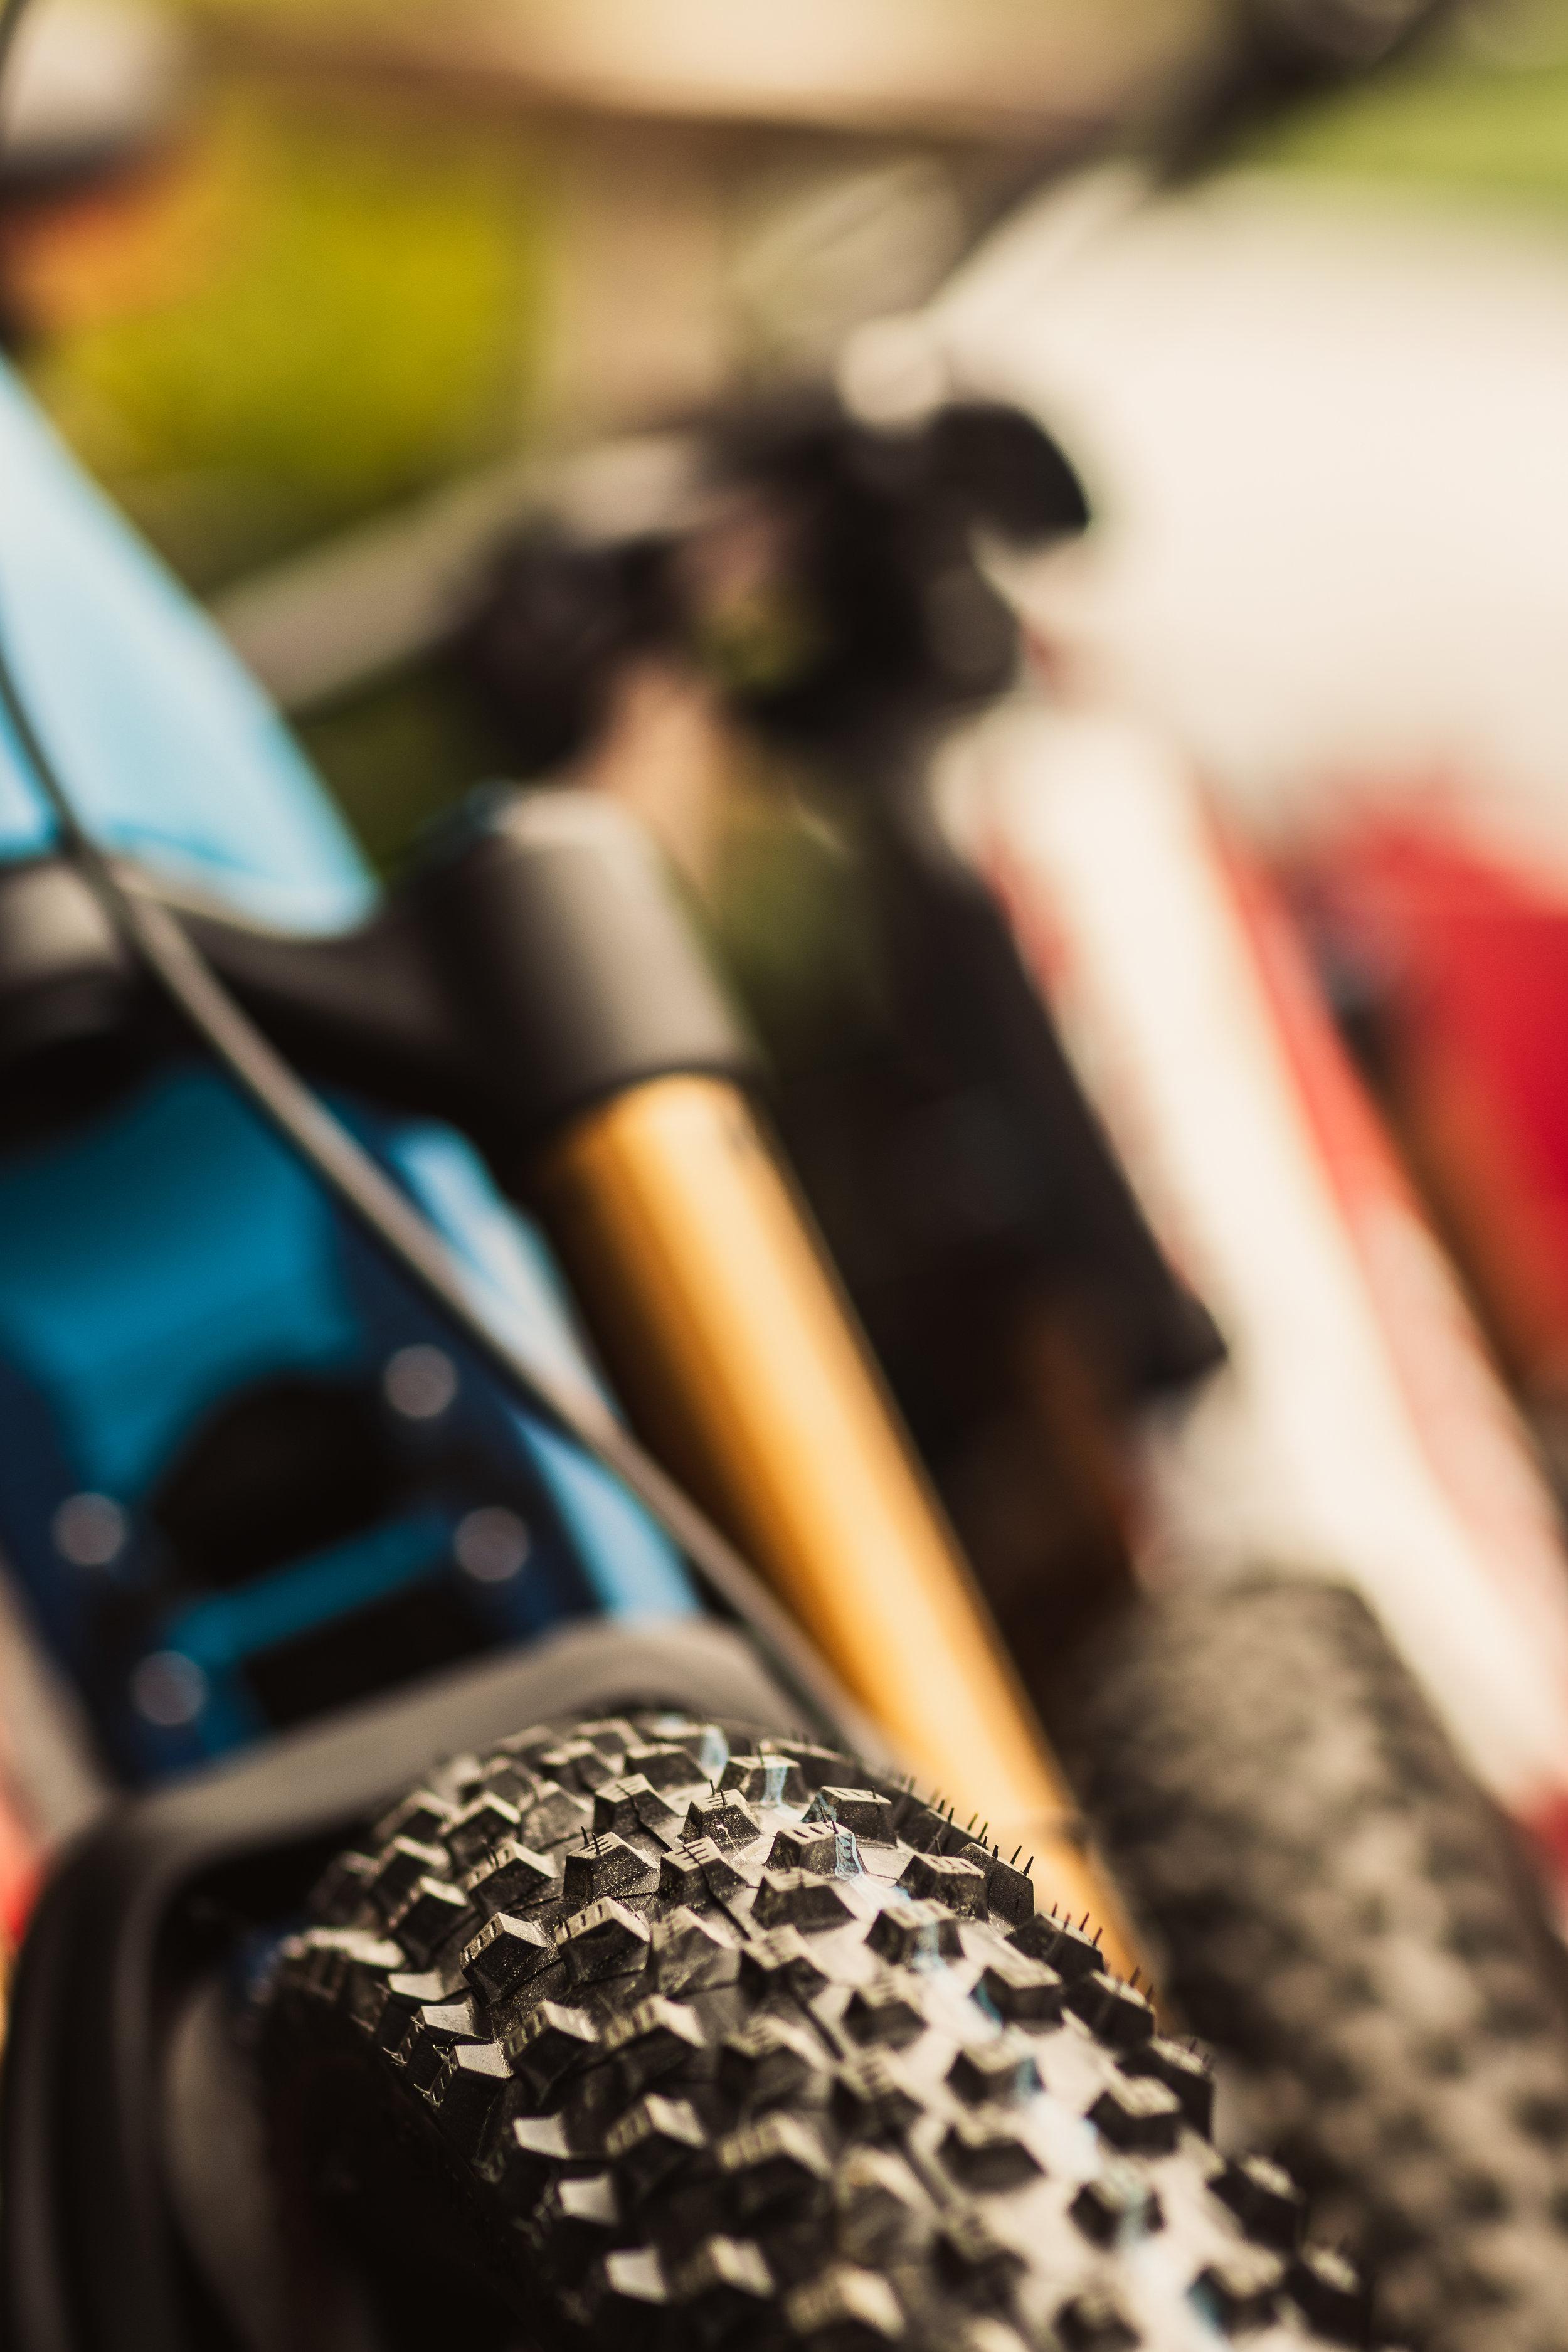 """- Auftraggeber: eBike your Life   Grassl EPSTätigkeiten: Standort Leitung Adelboden, Schweiz & FotografieZwei Räder – eine Mission""""Mit dem E-Bike machen wir die Berge flach"""" hieß es beim eBike your Life Festival in den Destinationen Gstaad & Adelboden-Lenk-Kandersteg vom 15. – 16. September. An diesem Wochenende drehte sich alles um das Biken mit Unterstützung eines lautlosen, umweltfreundlichen Elektromotors. In Gstaad gab es die Möglichkeit auf eine unvergessliche Genusstour zu starten und Thömus E-Bikes zu testen. In Adelboden war zusätzlich eine Festivalarea mit zahlreichen Partnern und Aktionen geboten. Auch die Kulinarik kam dabei nicht zu kurz.AdelbodenDer Märitplatz in Adelboden verwandelte sich in ein Eldorado für E-Mountainbiker. Das ganze Wochenende war mit Testbikes unterschiedlichster Marken und ausgeschilderten Zusatzrouten für beste Unterhaltung gesorgt. Rund 500 Besucher konnten sich bei zahlreichen Ausstellern über die neuesten Trends informieren, während für die Teilnehmer der Genusstour neben dem Biken auch die Kulinarik im Zentrum stand."""